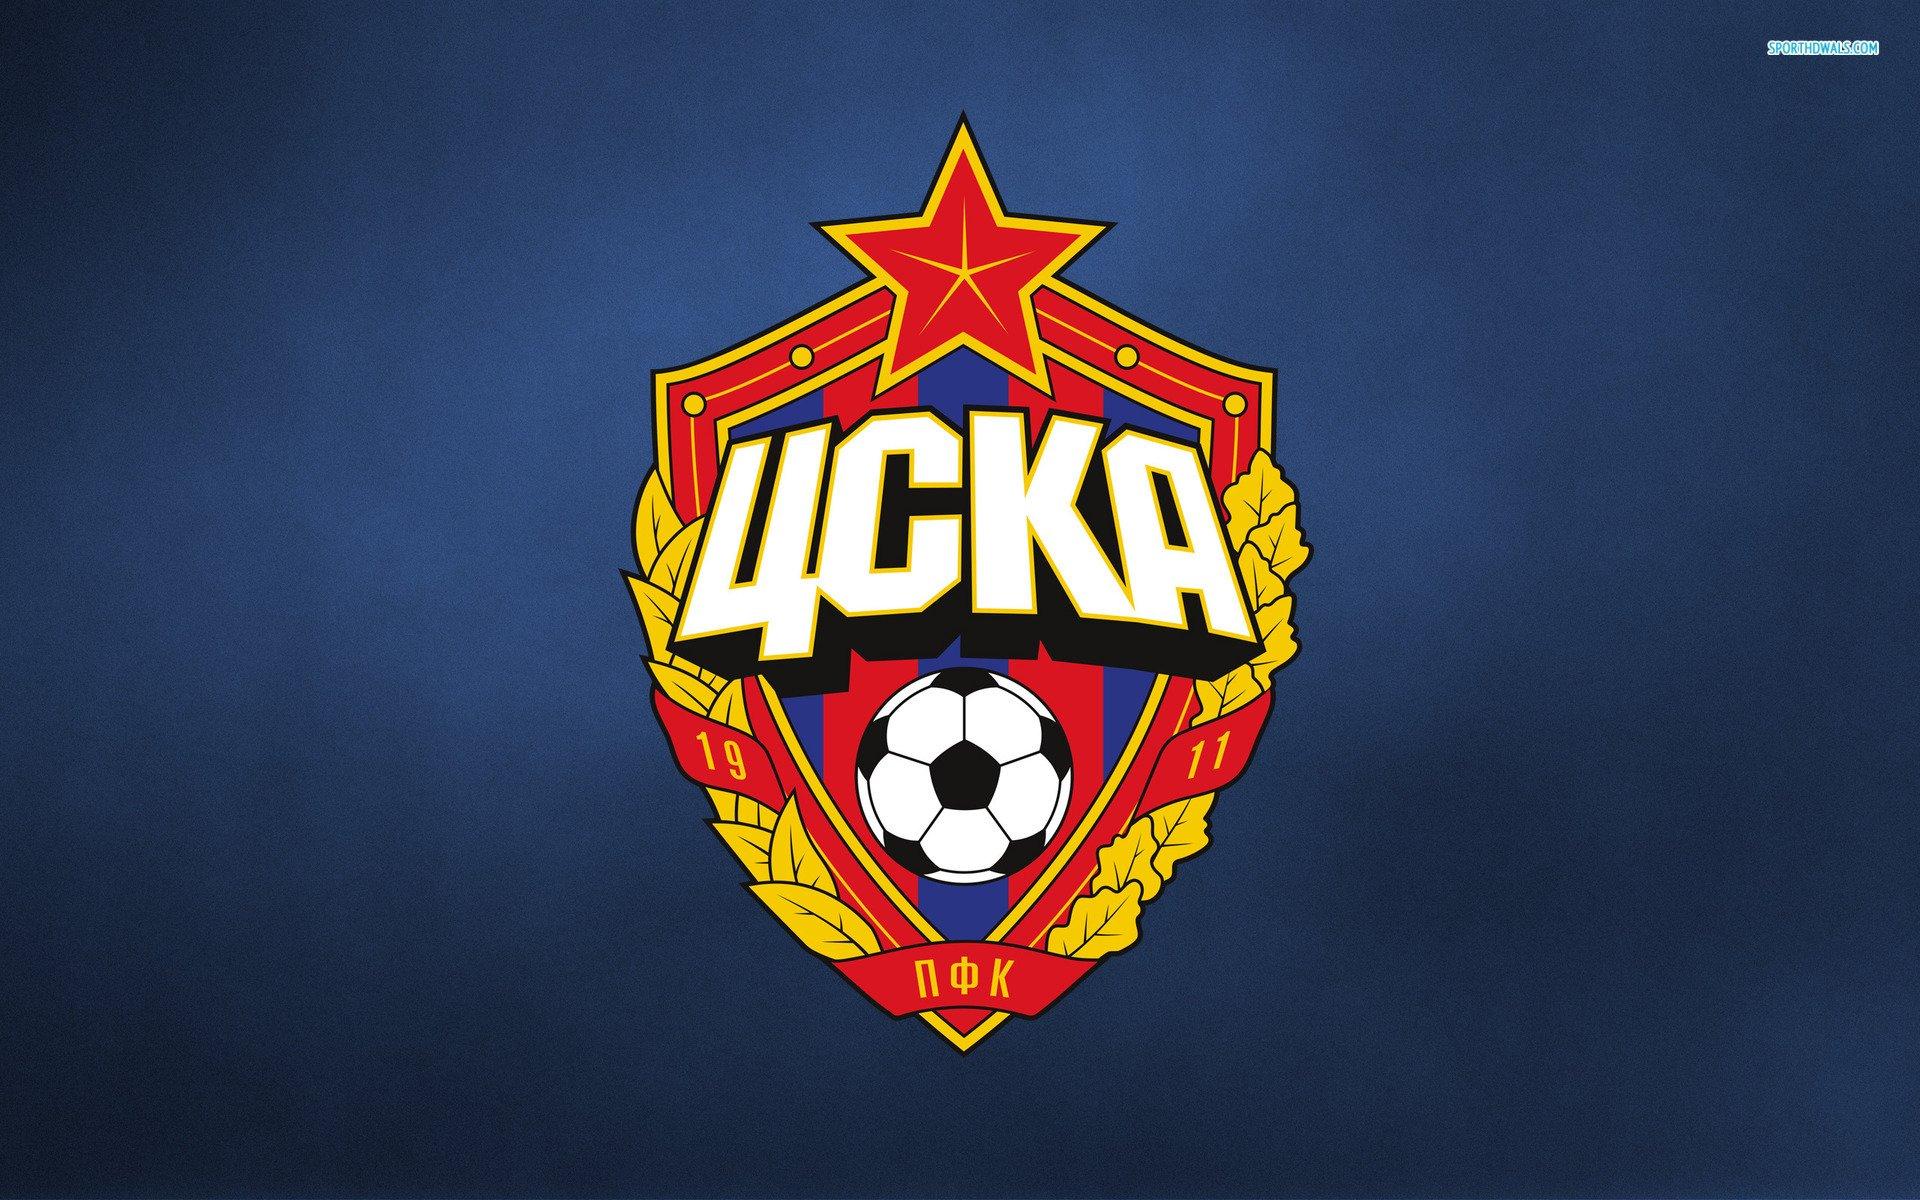 PFC CSKA Moscow Wallpaper 1   1920 X 1200 stmednet 1920x1200